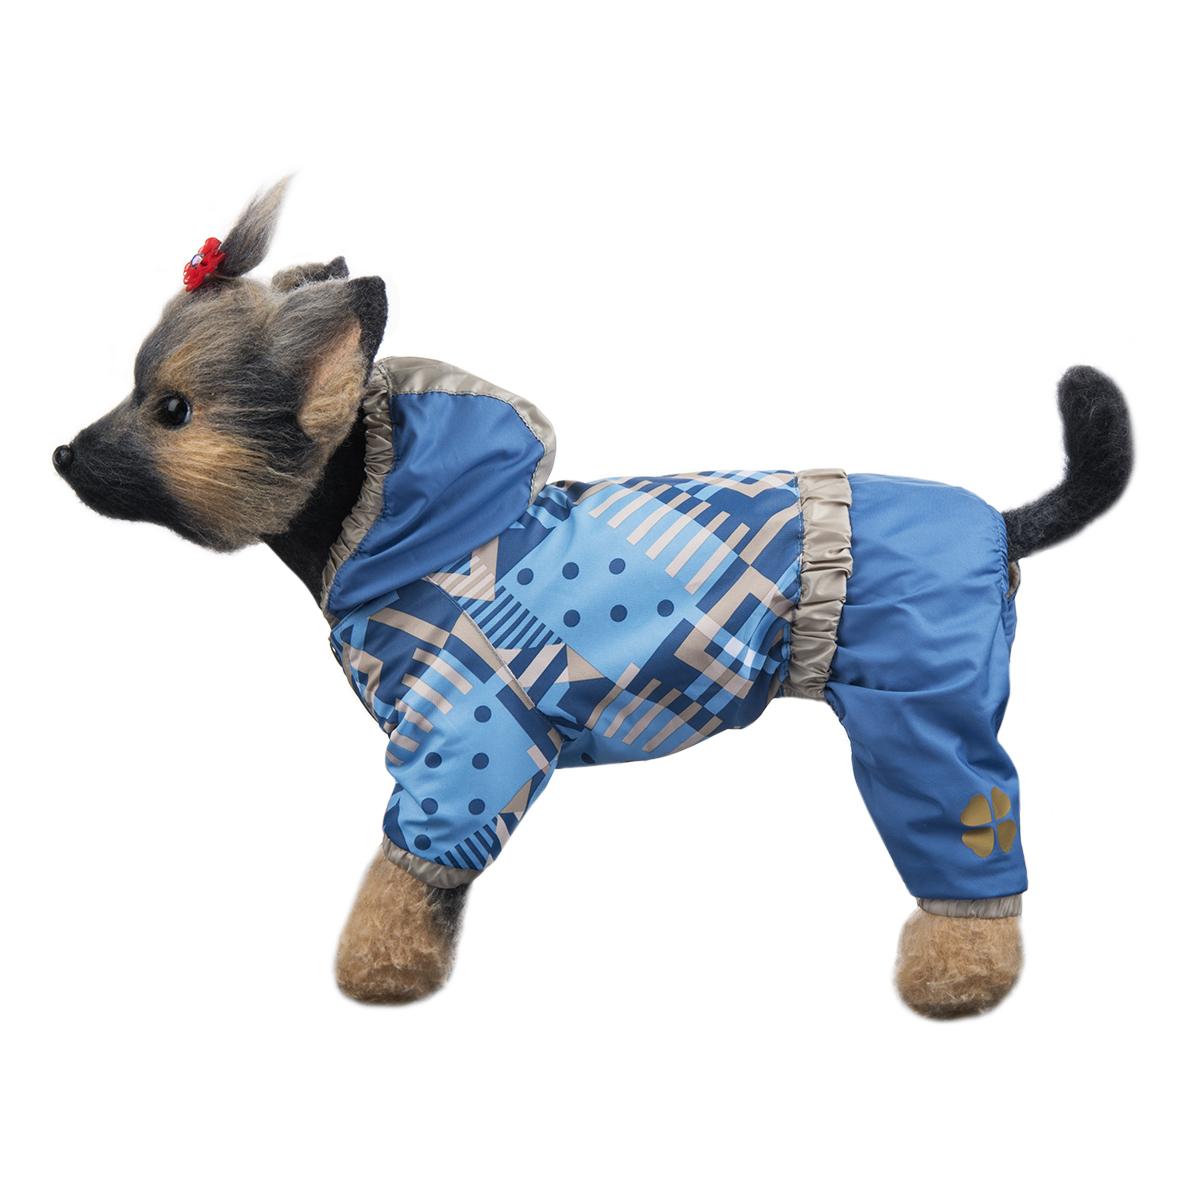 """Комбинезон для собак Dogmoda """"Прогулочный"""", унисекс, цвет: голубой, серый. Размер 3 (L)"""